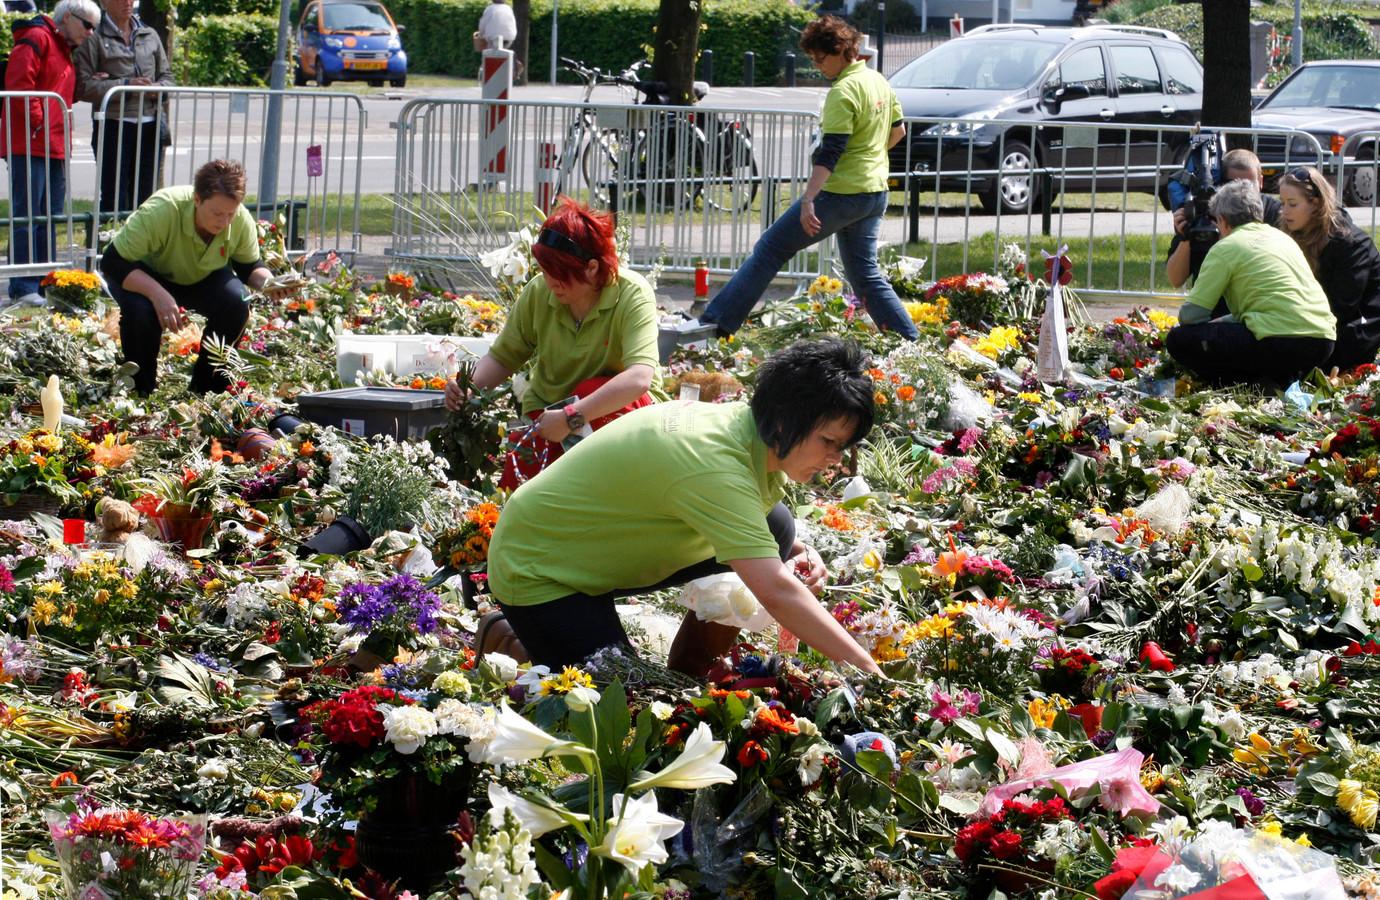 Medewerkers van documentenwacht ruimden in opdracht van de gemeente de bloemenzee bij de Naald op. De brieven en knuffels zijn bewaard en een deel ervan wordt tijdens de herdenking tentoongesteld door CODA.